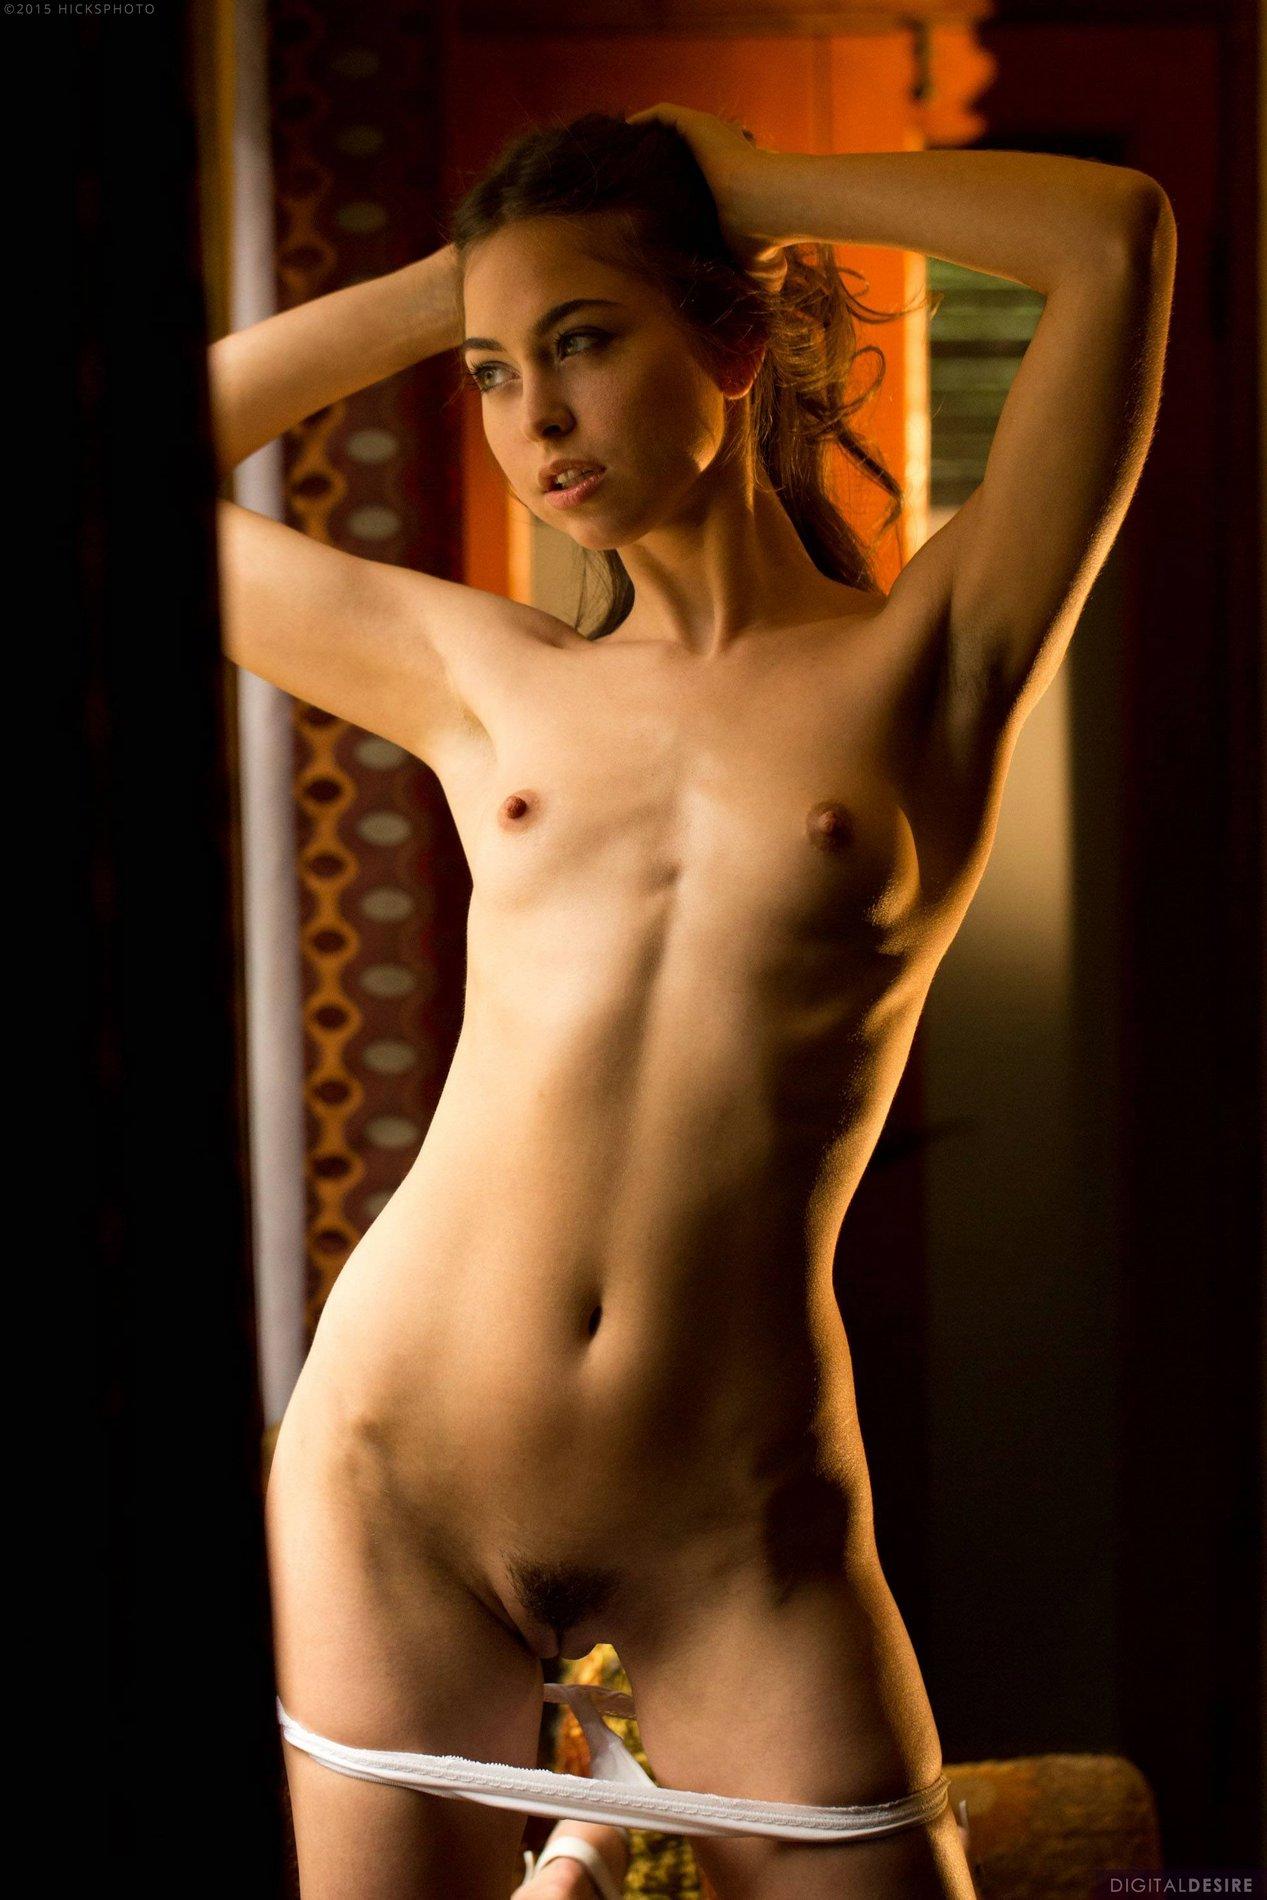 Magnifique Brunette Riley Reid Exhibant son corps serré - Mon-8819